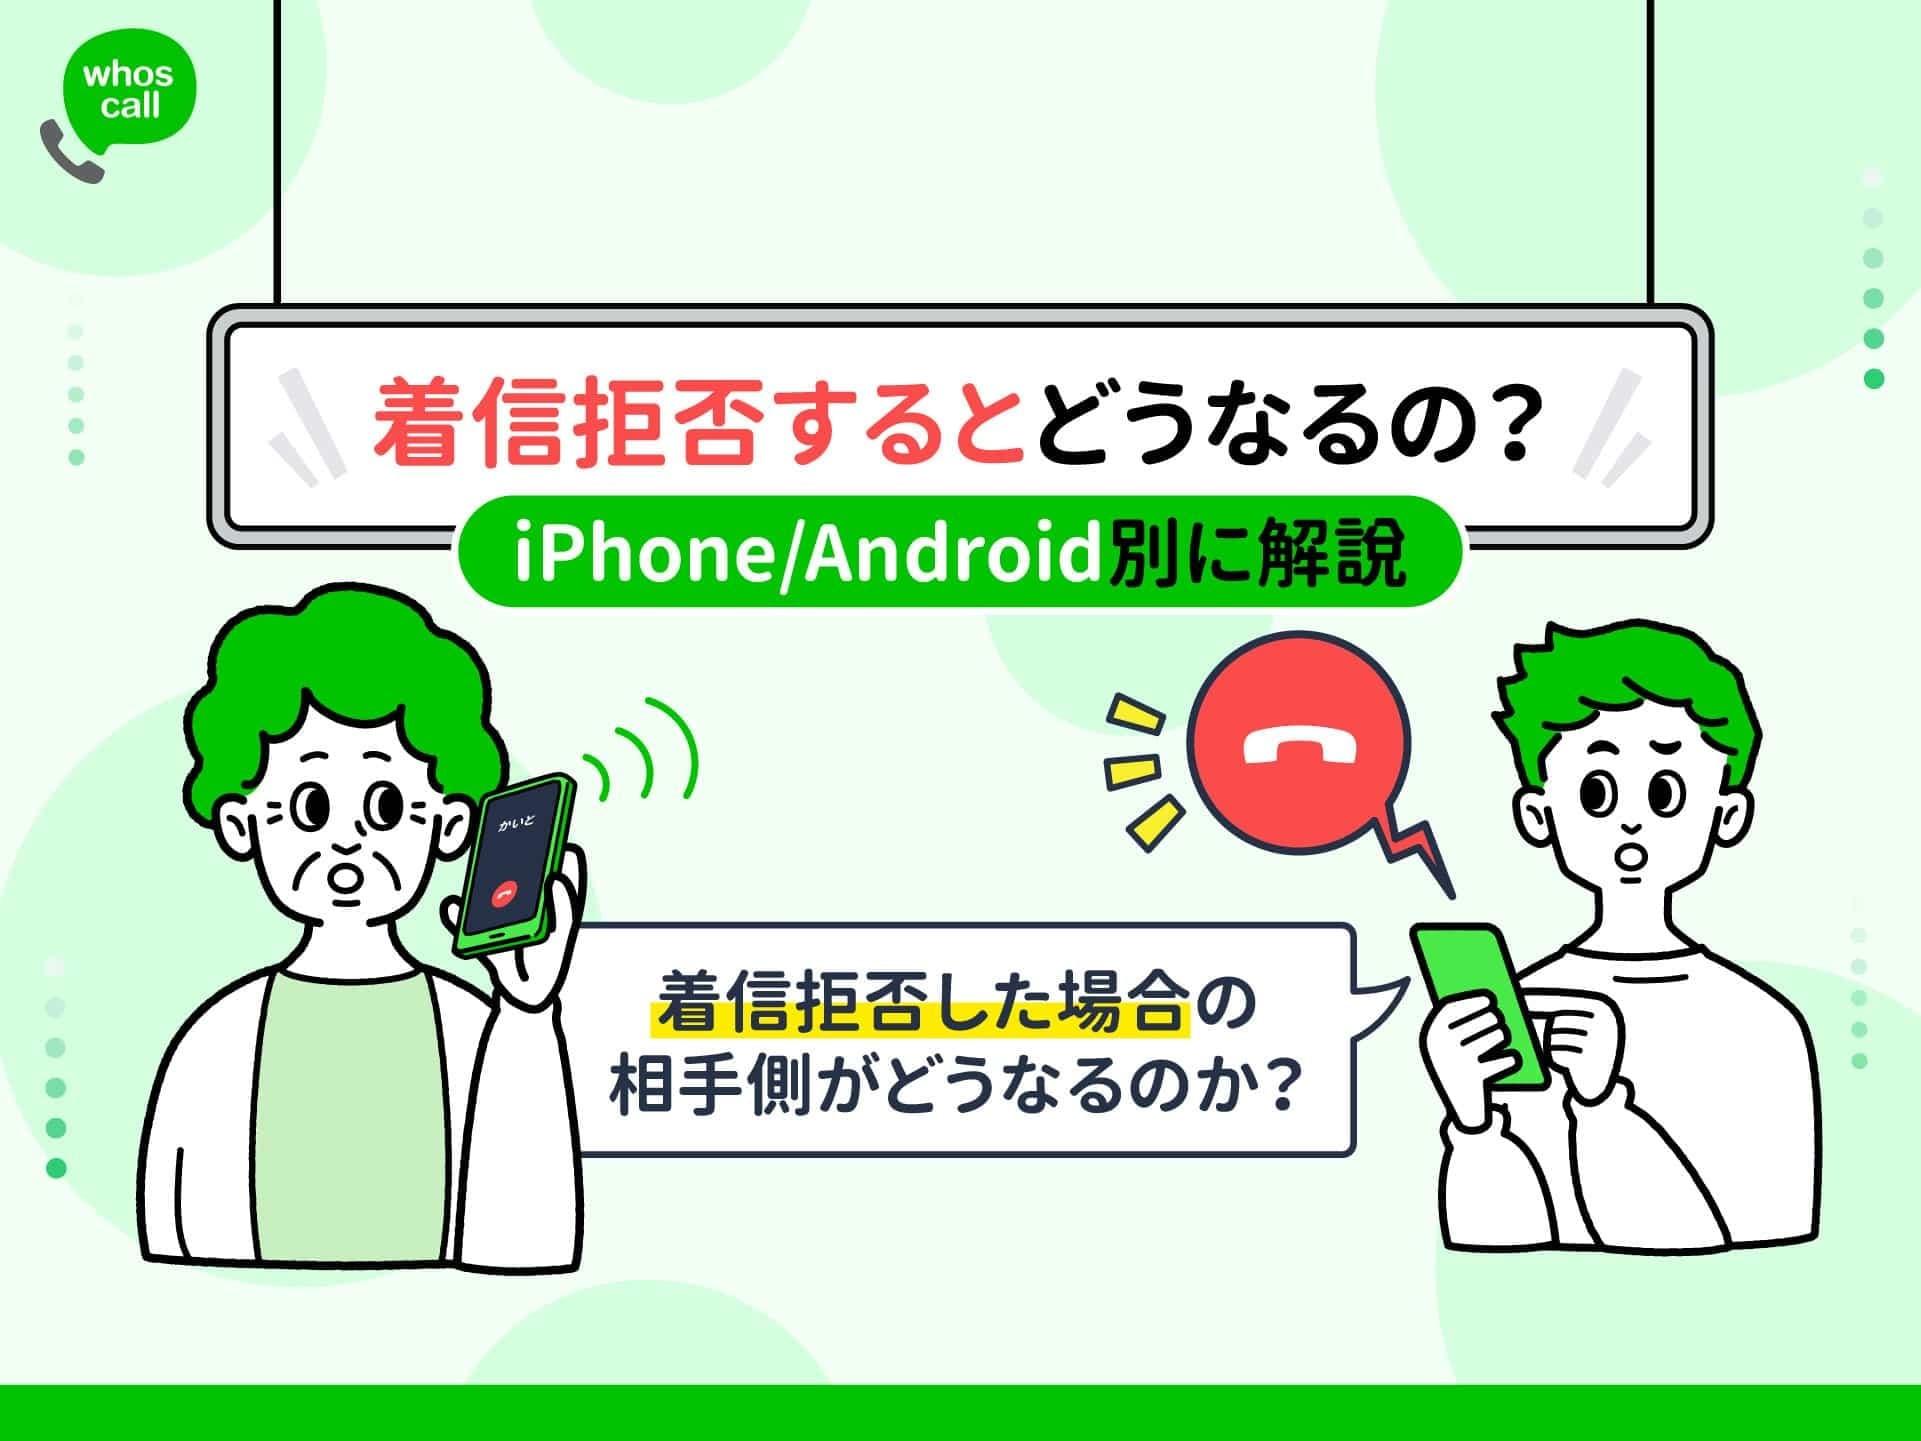 着信拒否するとどうなるの?iPhone/Android別に解説